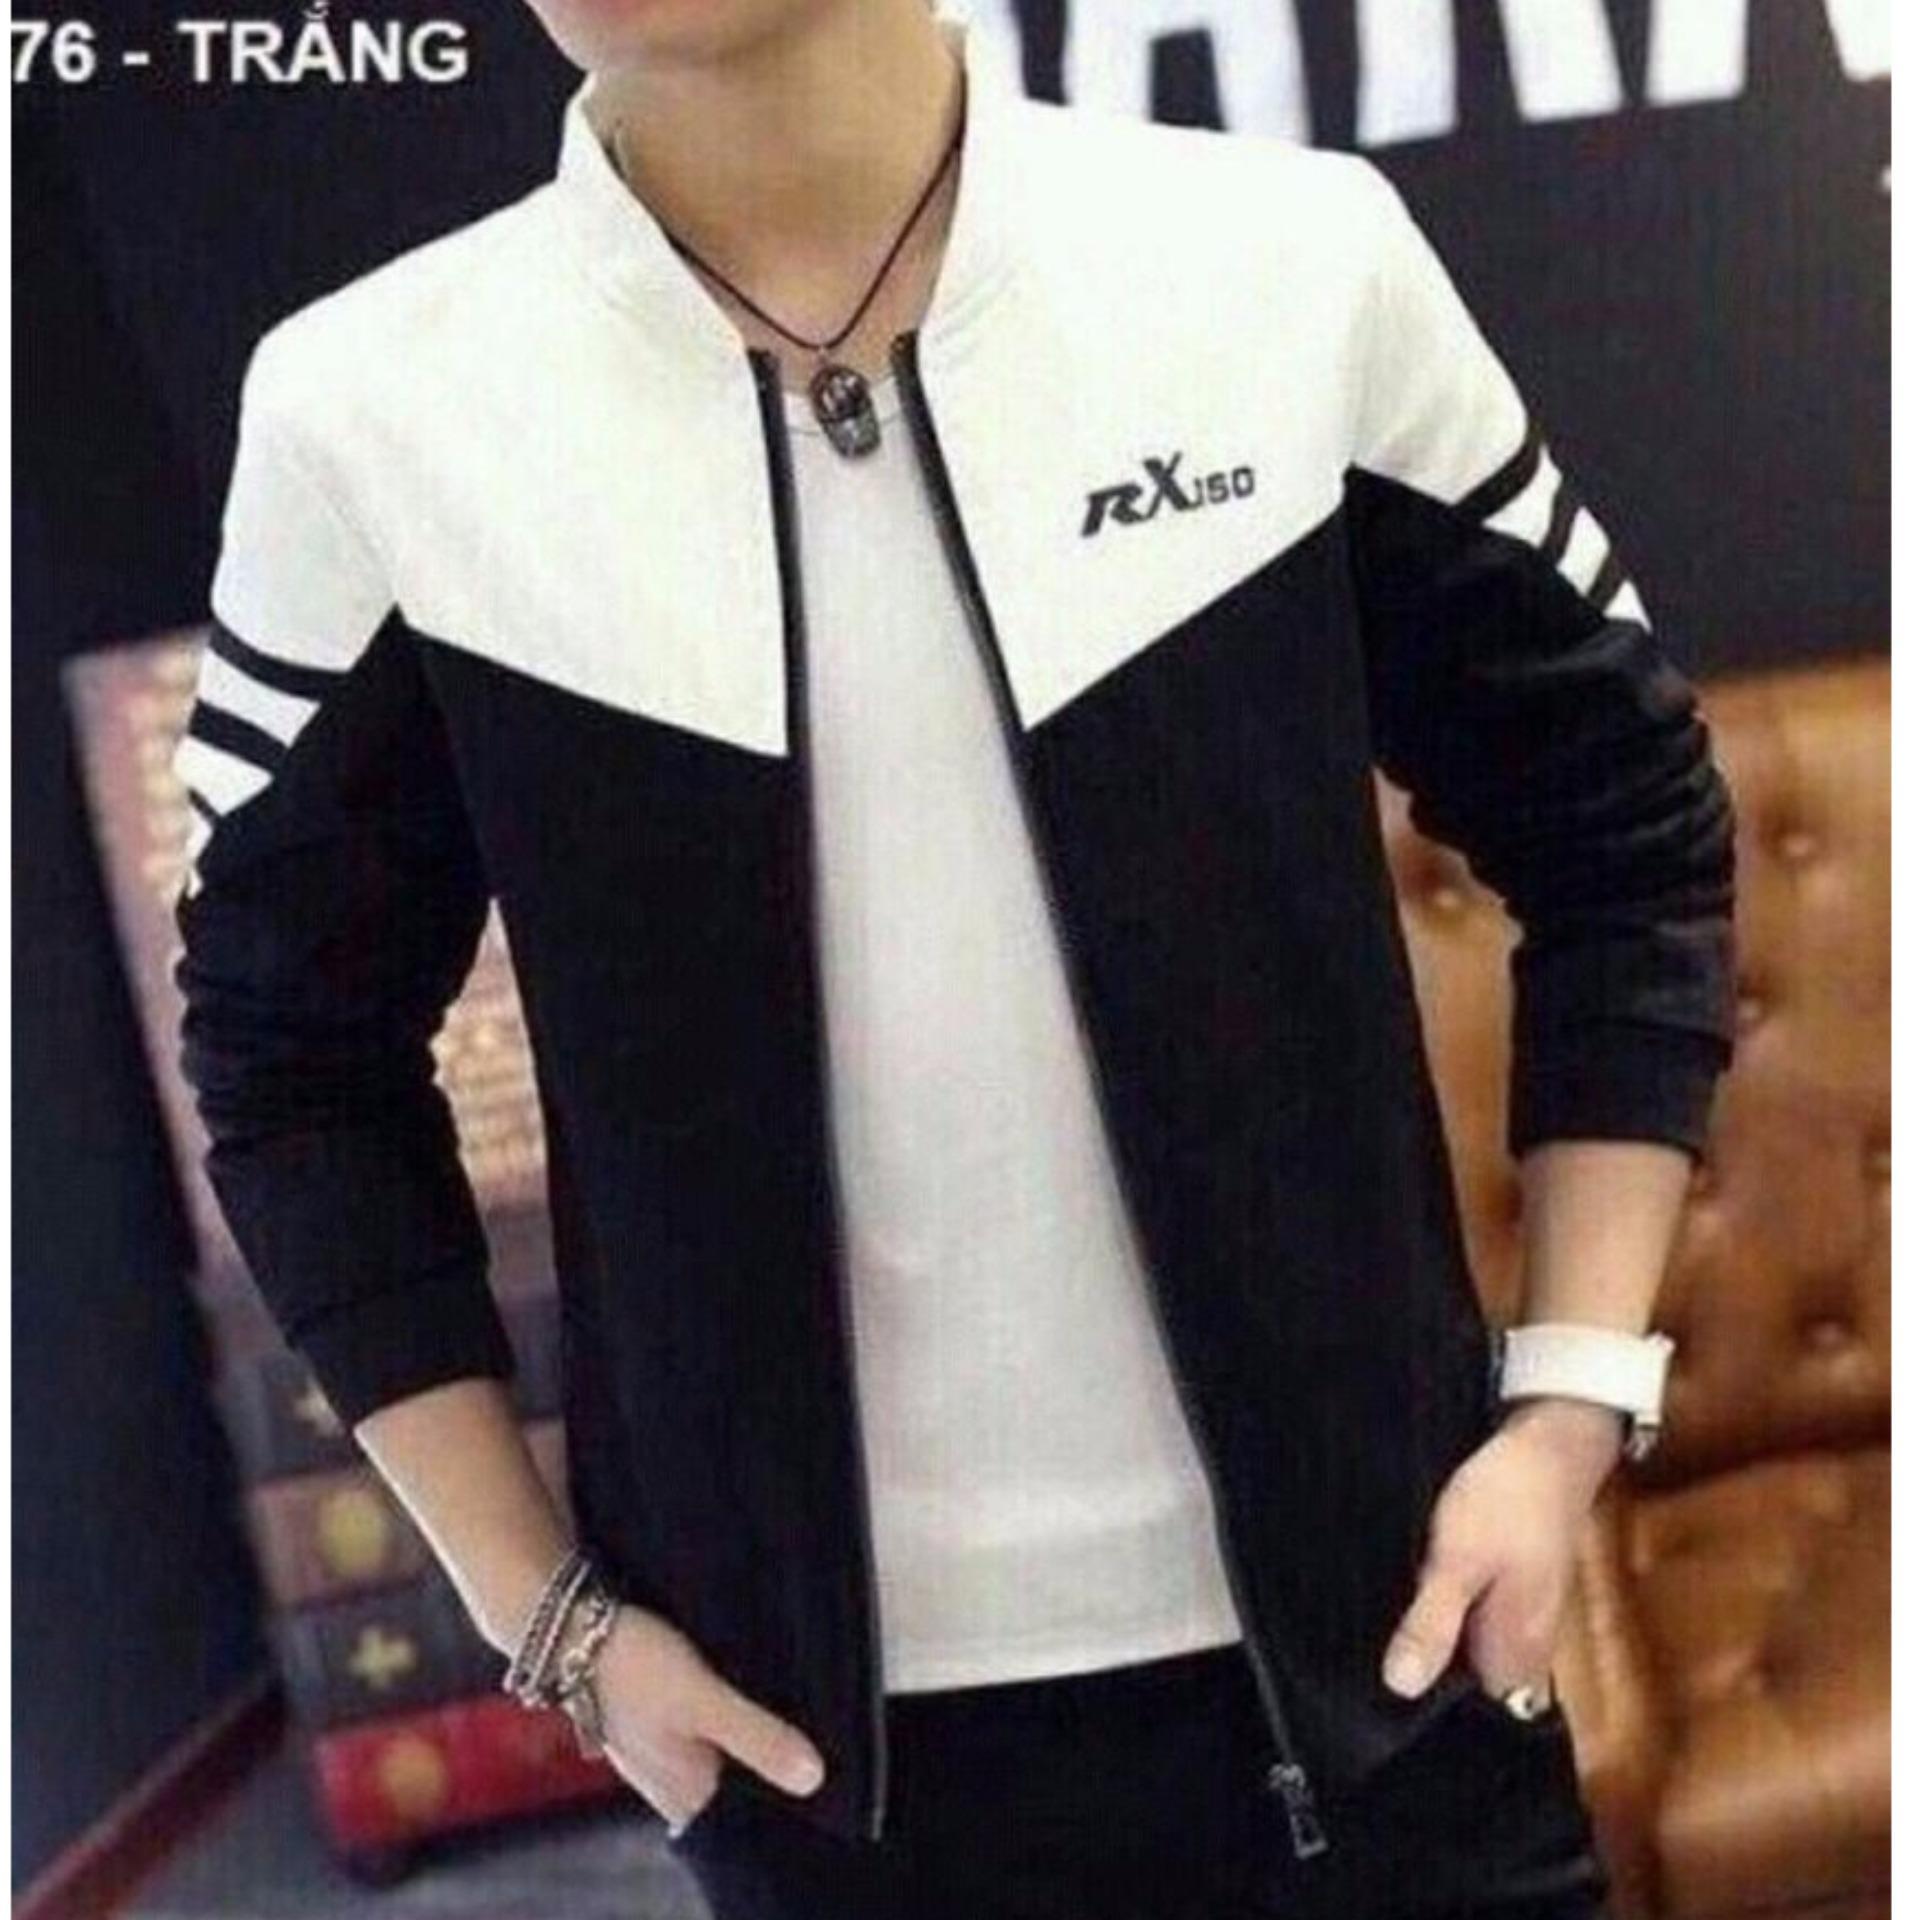 áo khoác kaki rx đen trắng